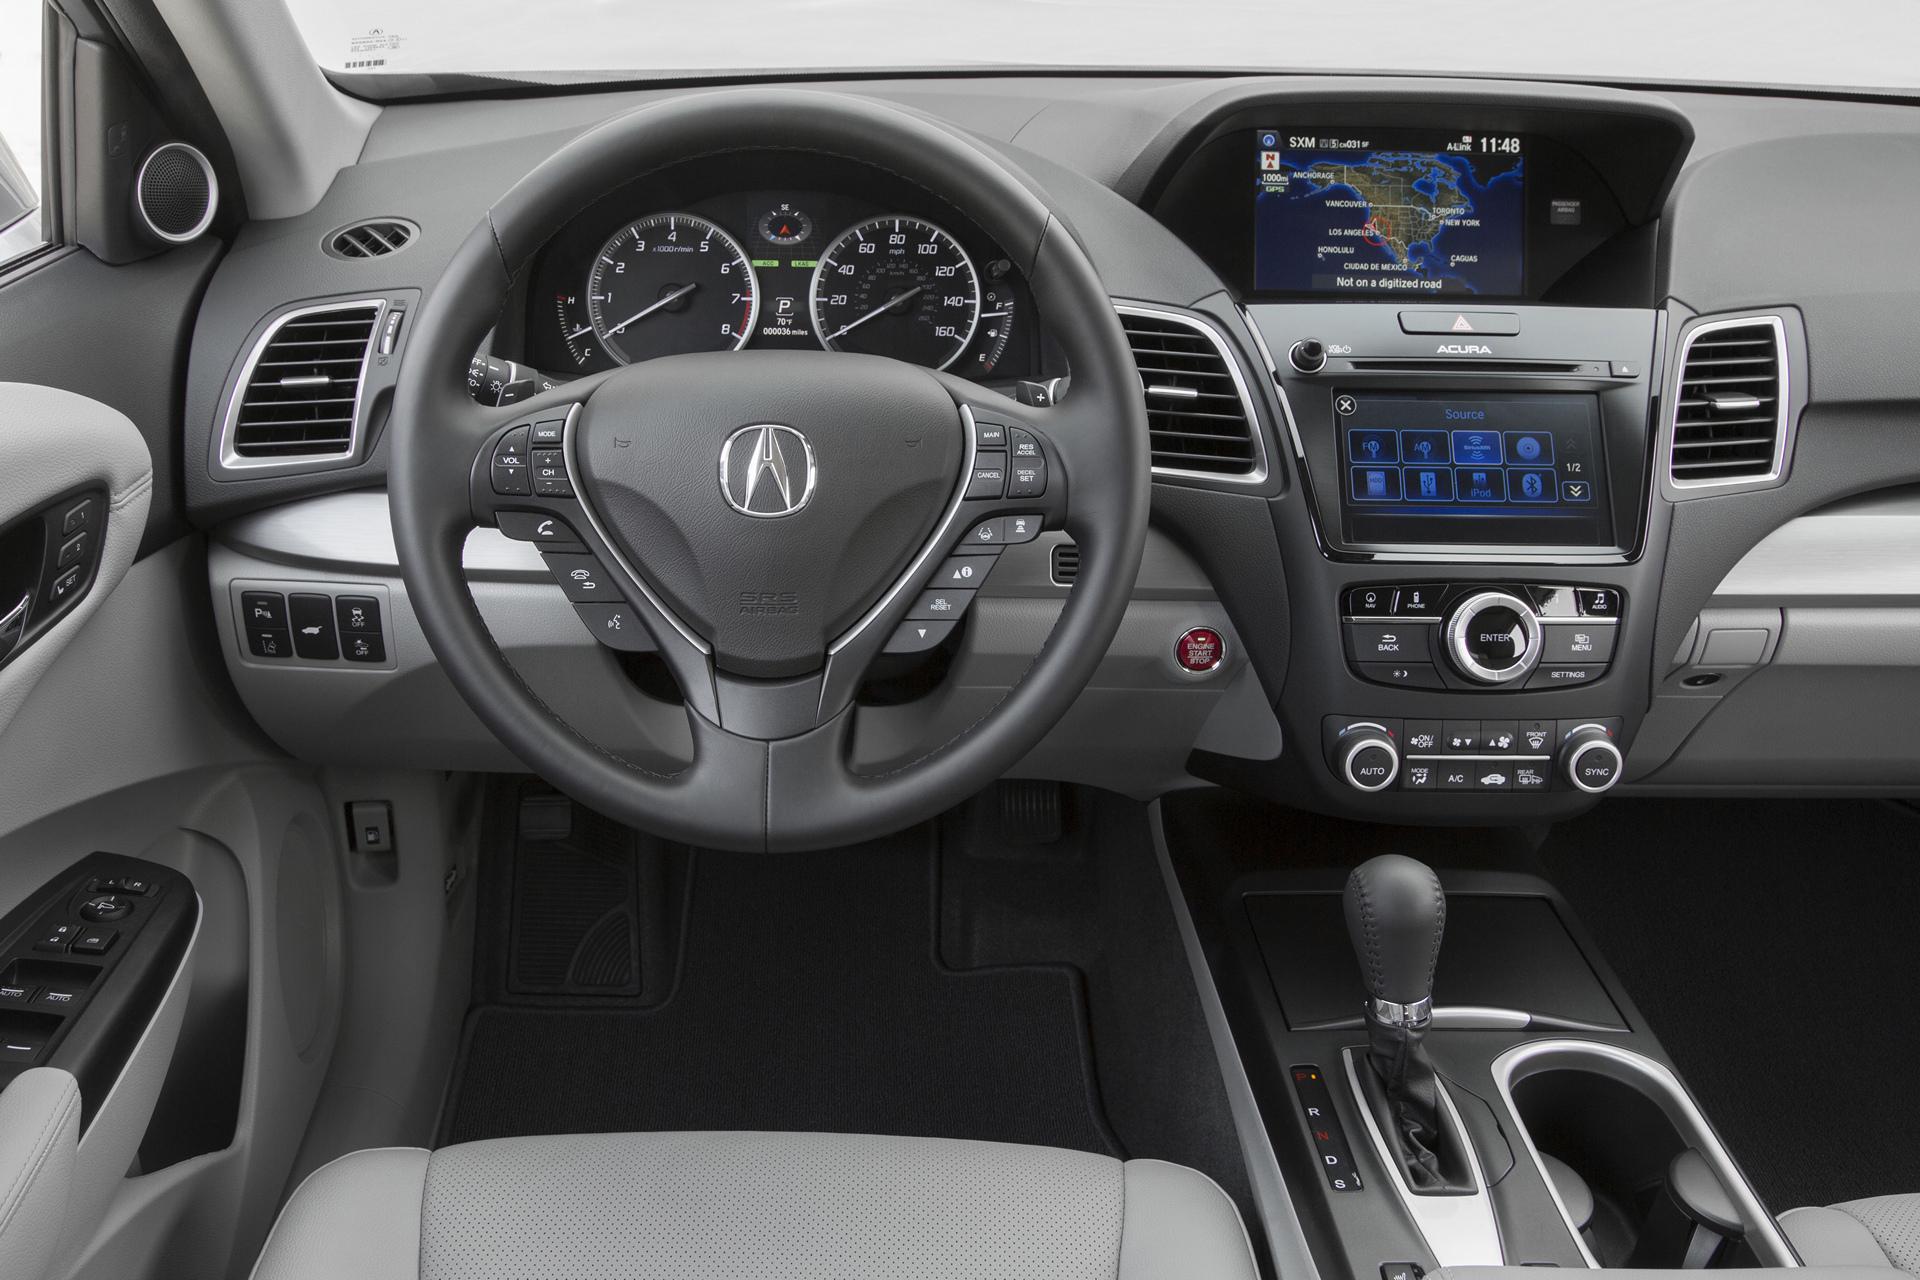 2016 Acura RDX © Honda Motor Co., Ltd.